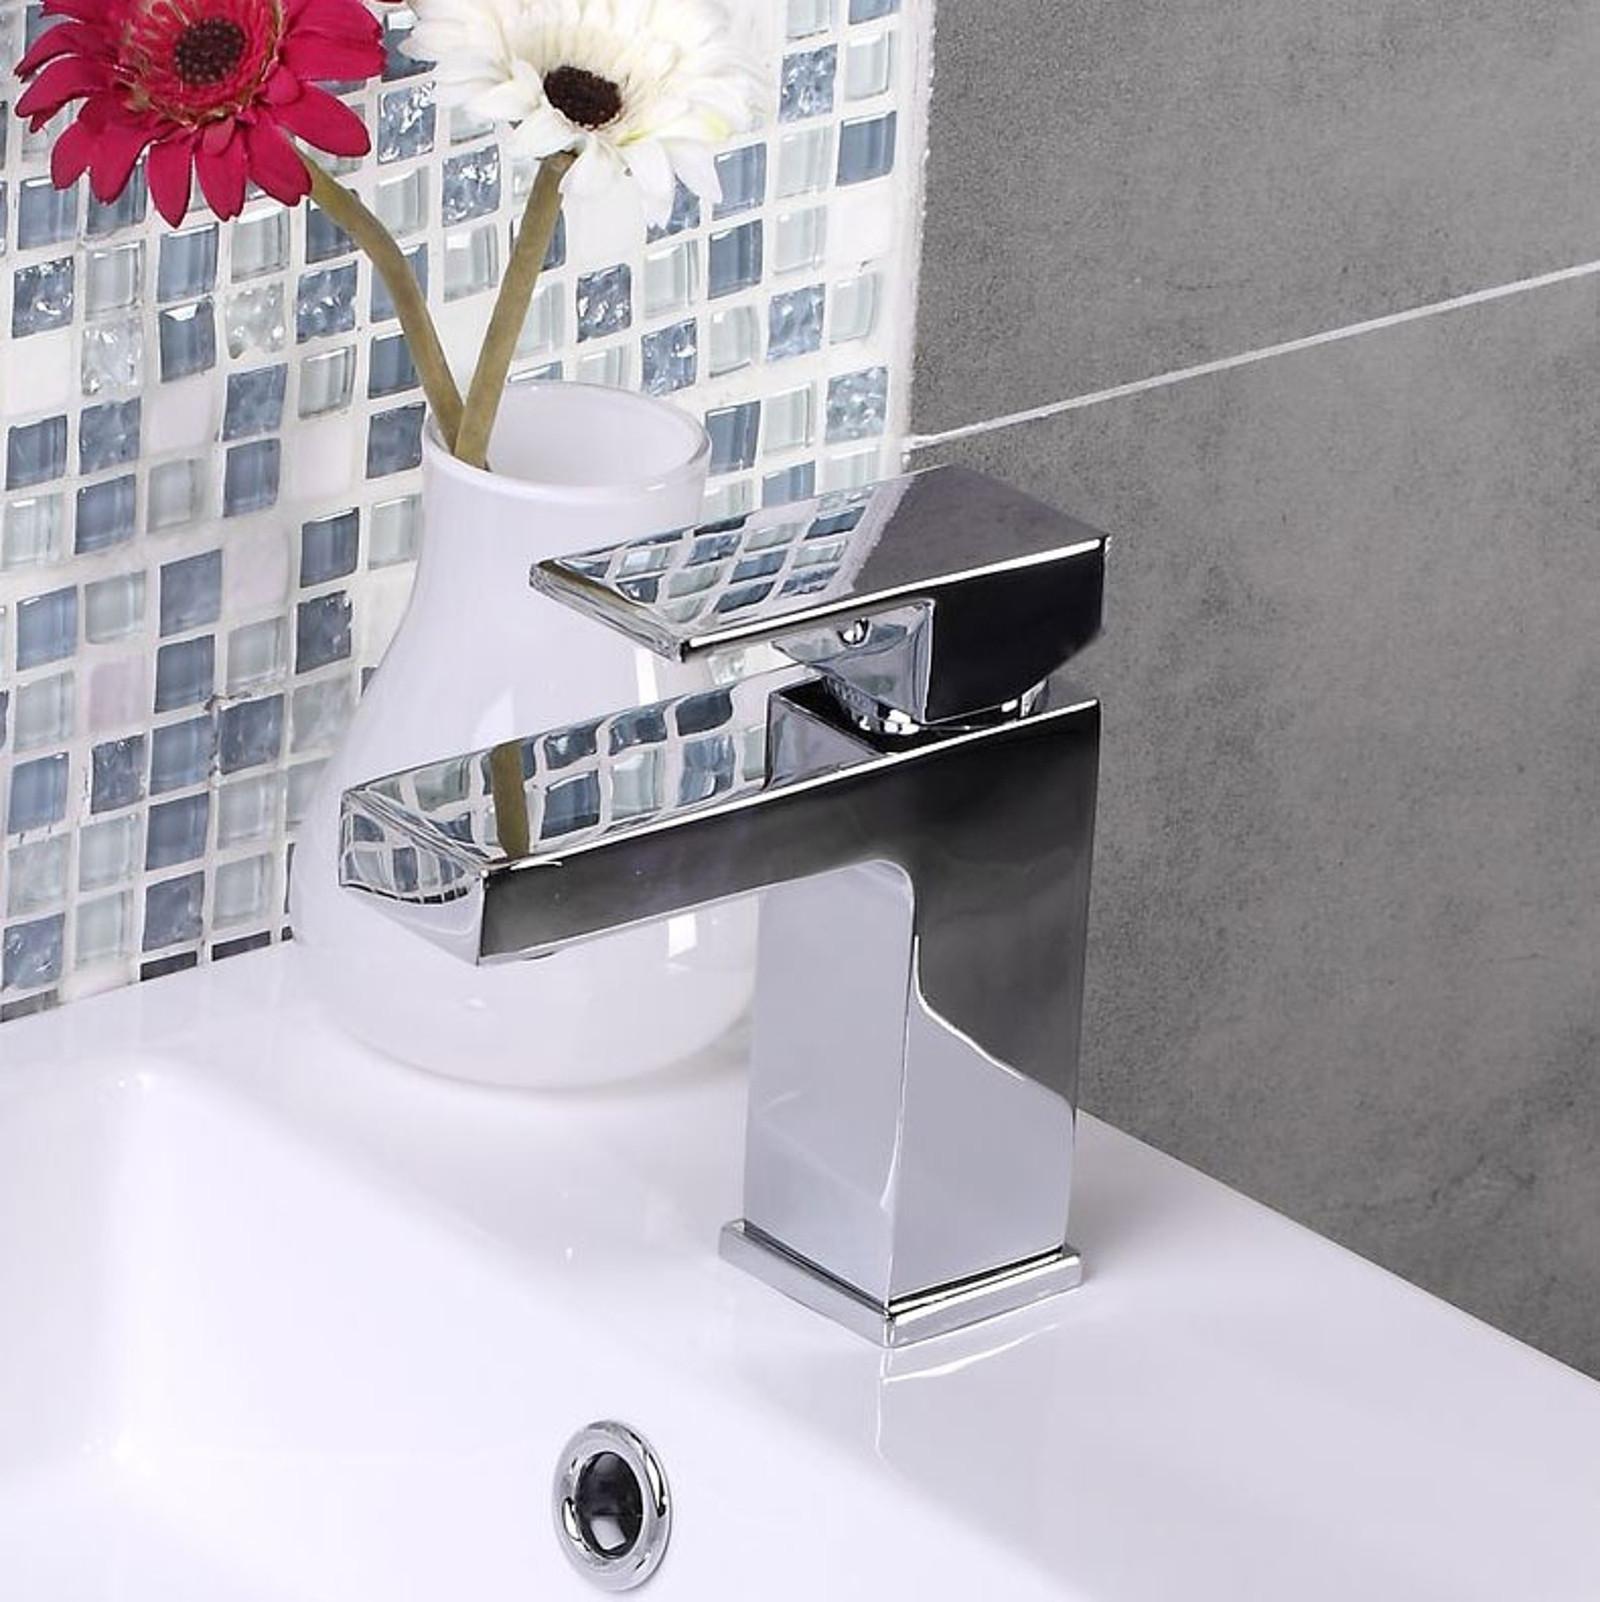 ENKI Milan Design Quadrato Rubinetto Doccia Lavabo Bagno rubinetto ...